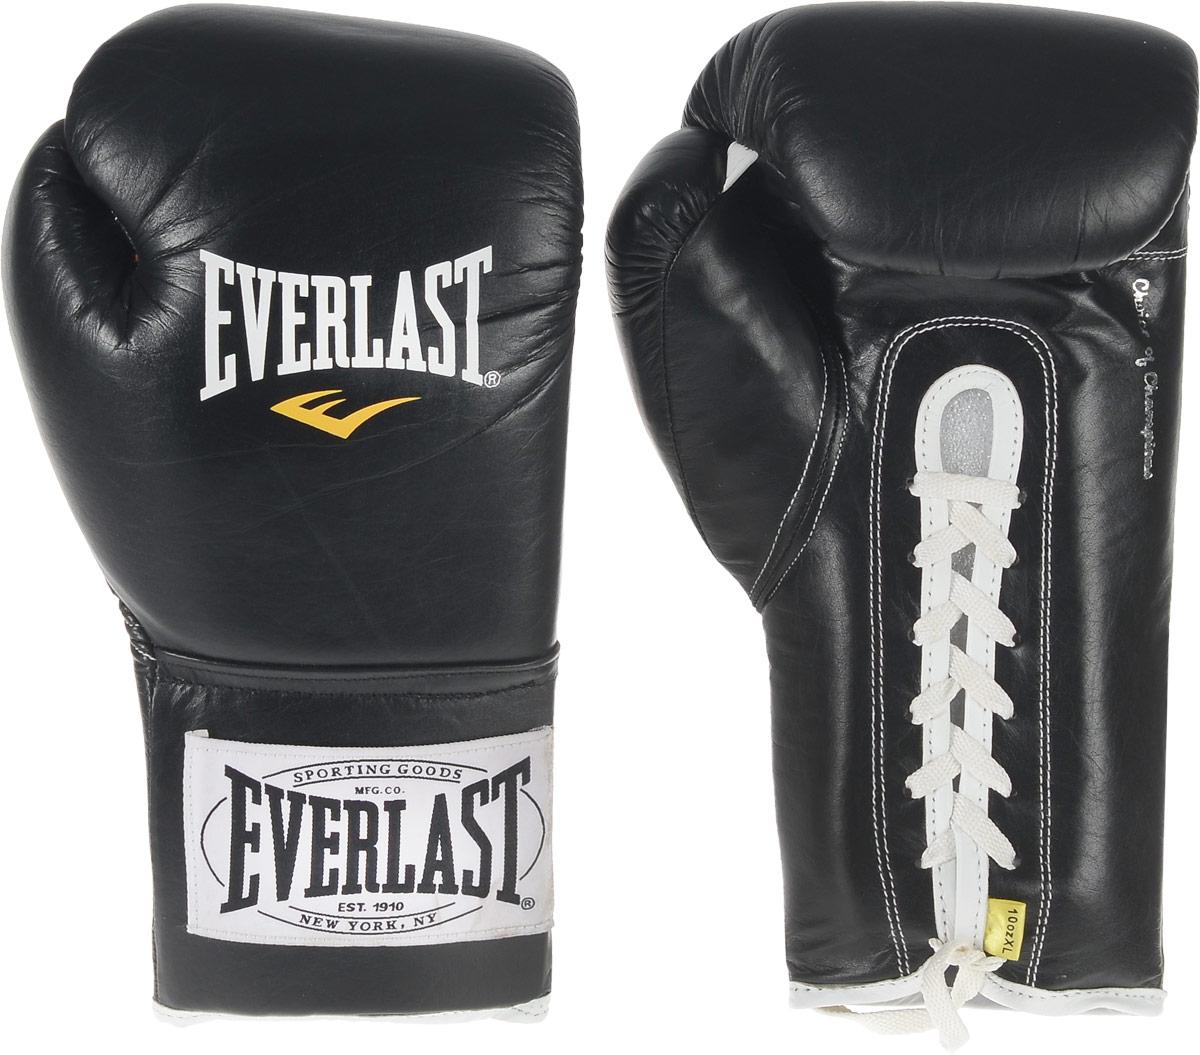 Перчатки боевые Everlast 1910 Fight, цвет: черный, белый. Вес 10 унций. 291001291101Классическая модель перчаток Everlast 1910 Fight создана специально для поединков на профессиональном ринге с учетом всех регламентов и требований, предъявляемых к такой экипировке. Выполнены из натуральной кожи. Набивка из многослойного пенного наполнителя обеспечивает достаточно высокий уровень защиты рук спортсмена и снижает жесткость перчаток. Удобное положение руки в перчатке не требует усилий для сжатия кулака, что позволит вам наносить более жесткие удары при меньших энергозатратах. Данные перчатки прошли сертификацию и получили одобрение к использованию от всех американских и Международных боксерских организаций и федераций включая WBC, IBO, WBA, WBO и IBF.